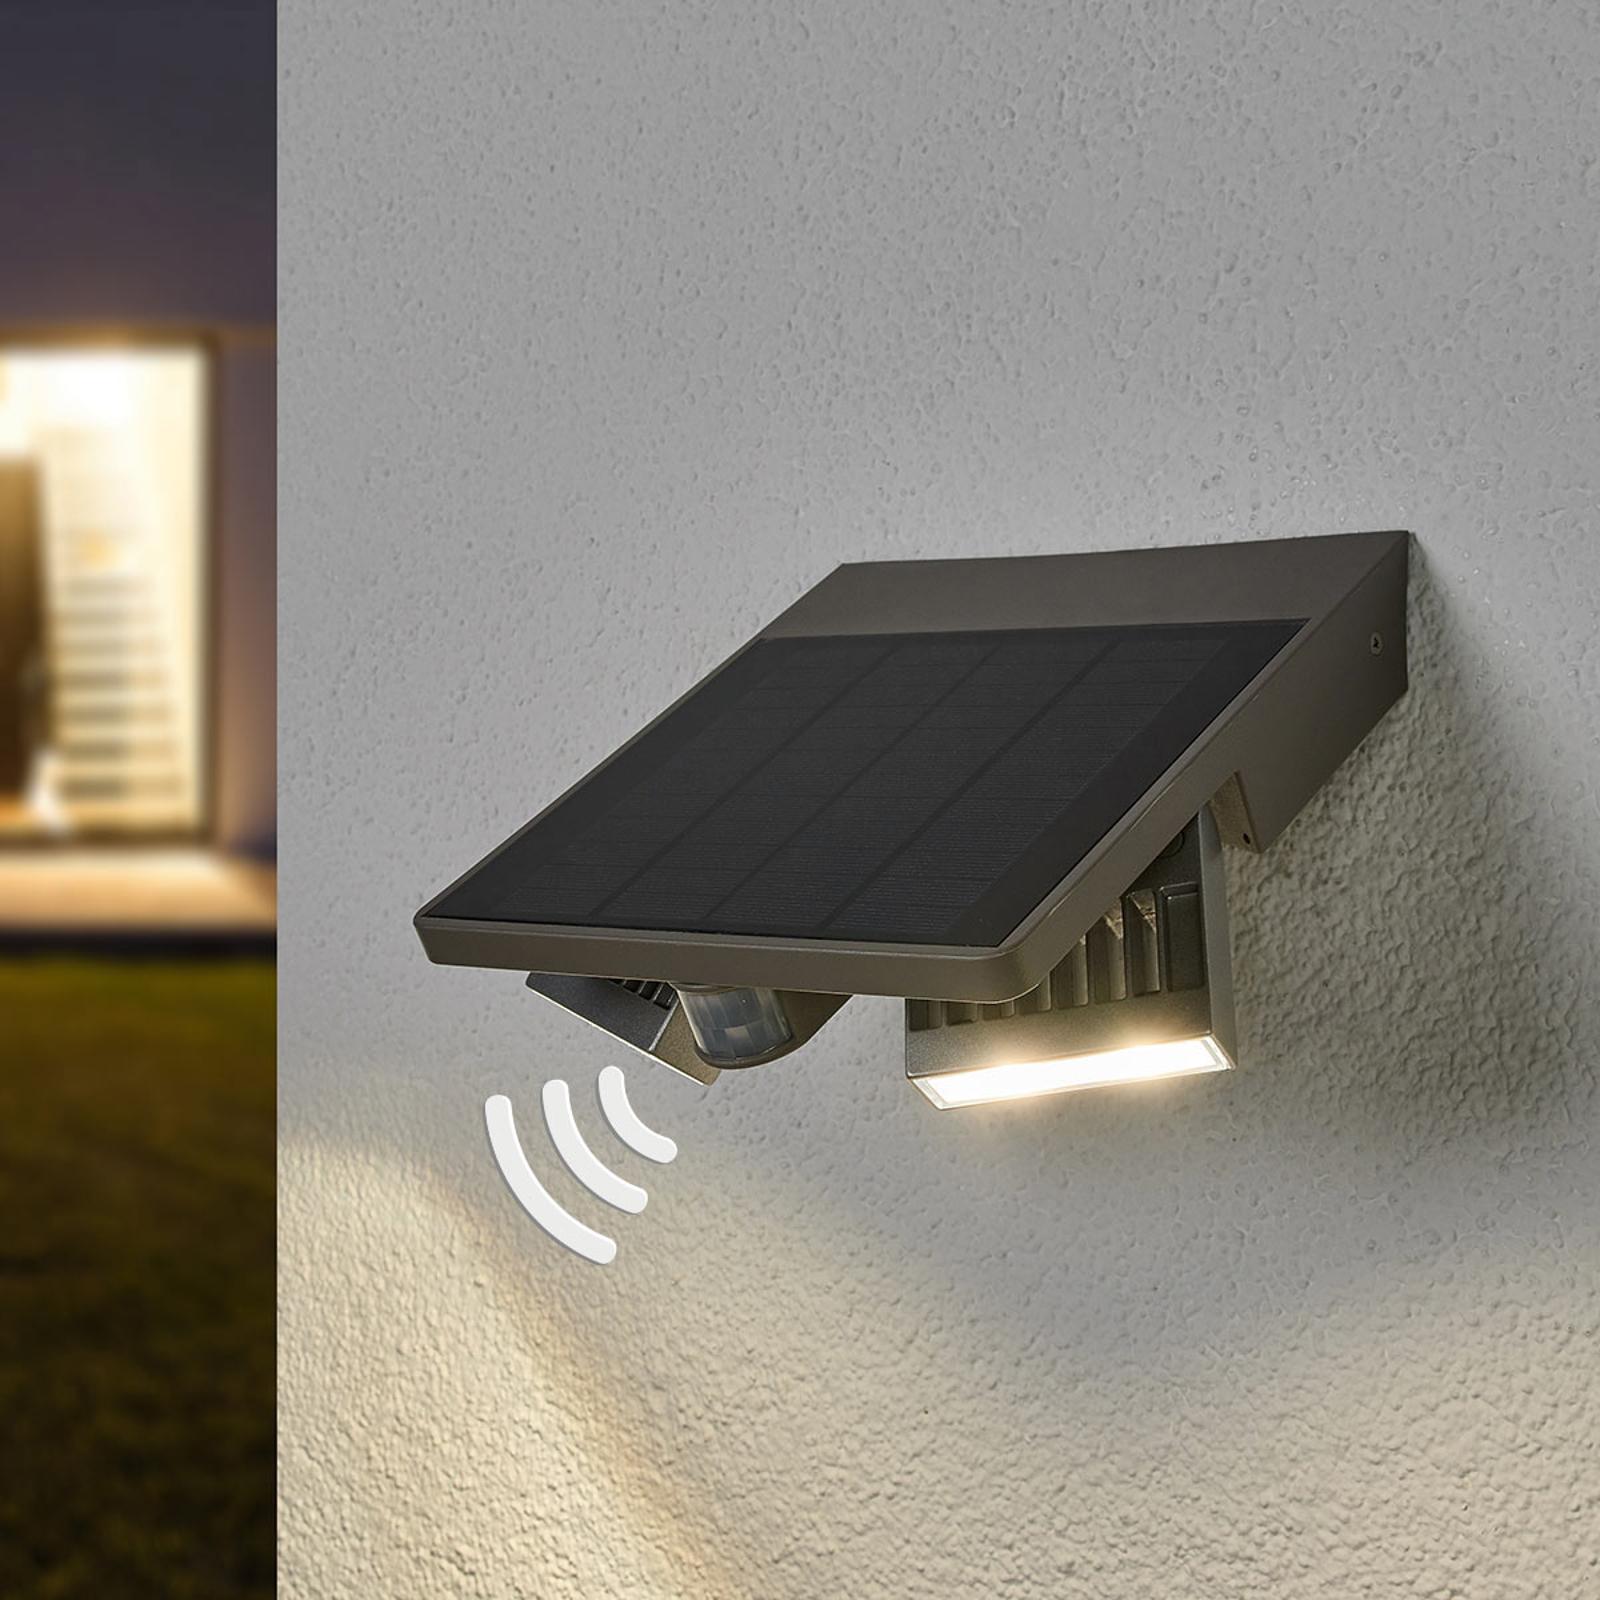 LED udendørsvæglampe Ghost Solar, bevægelsessensor